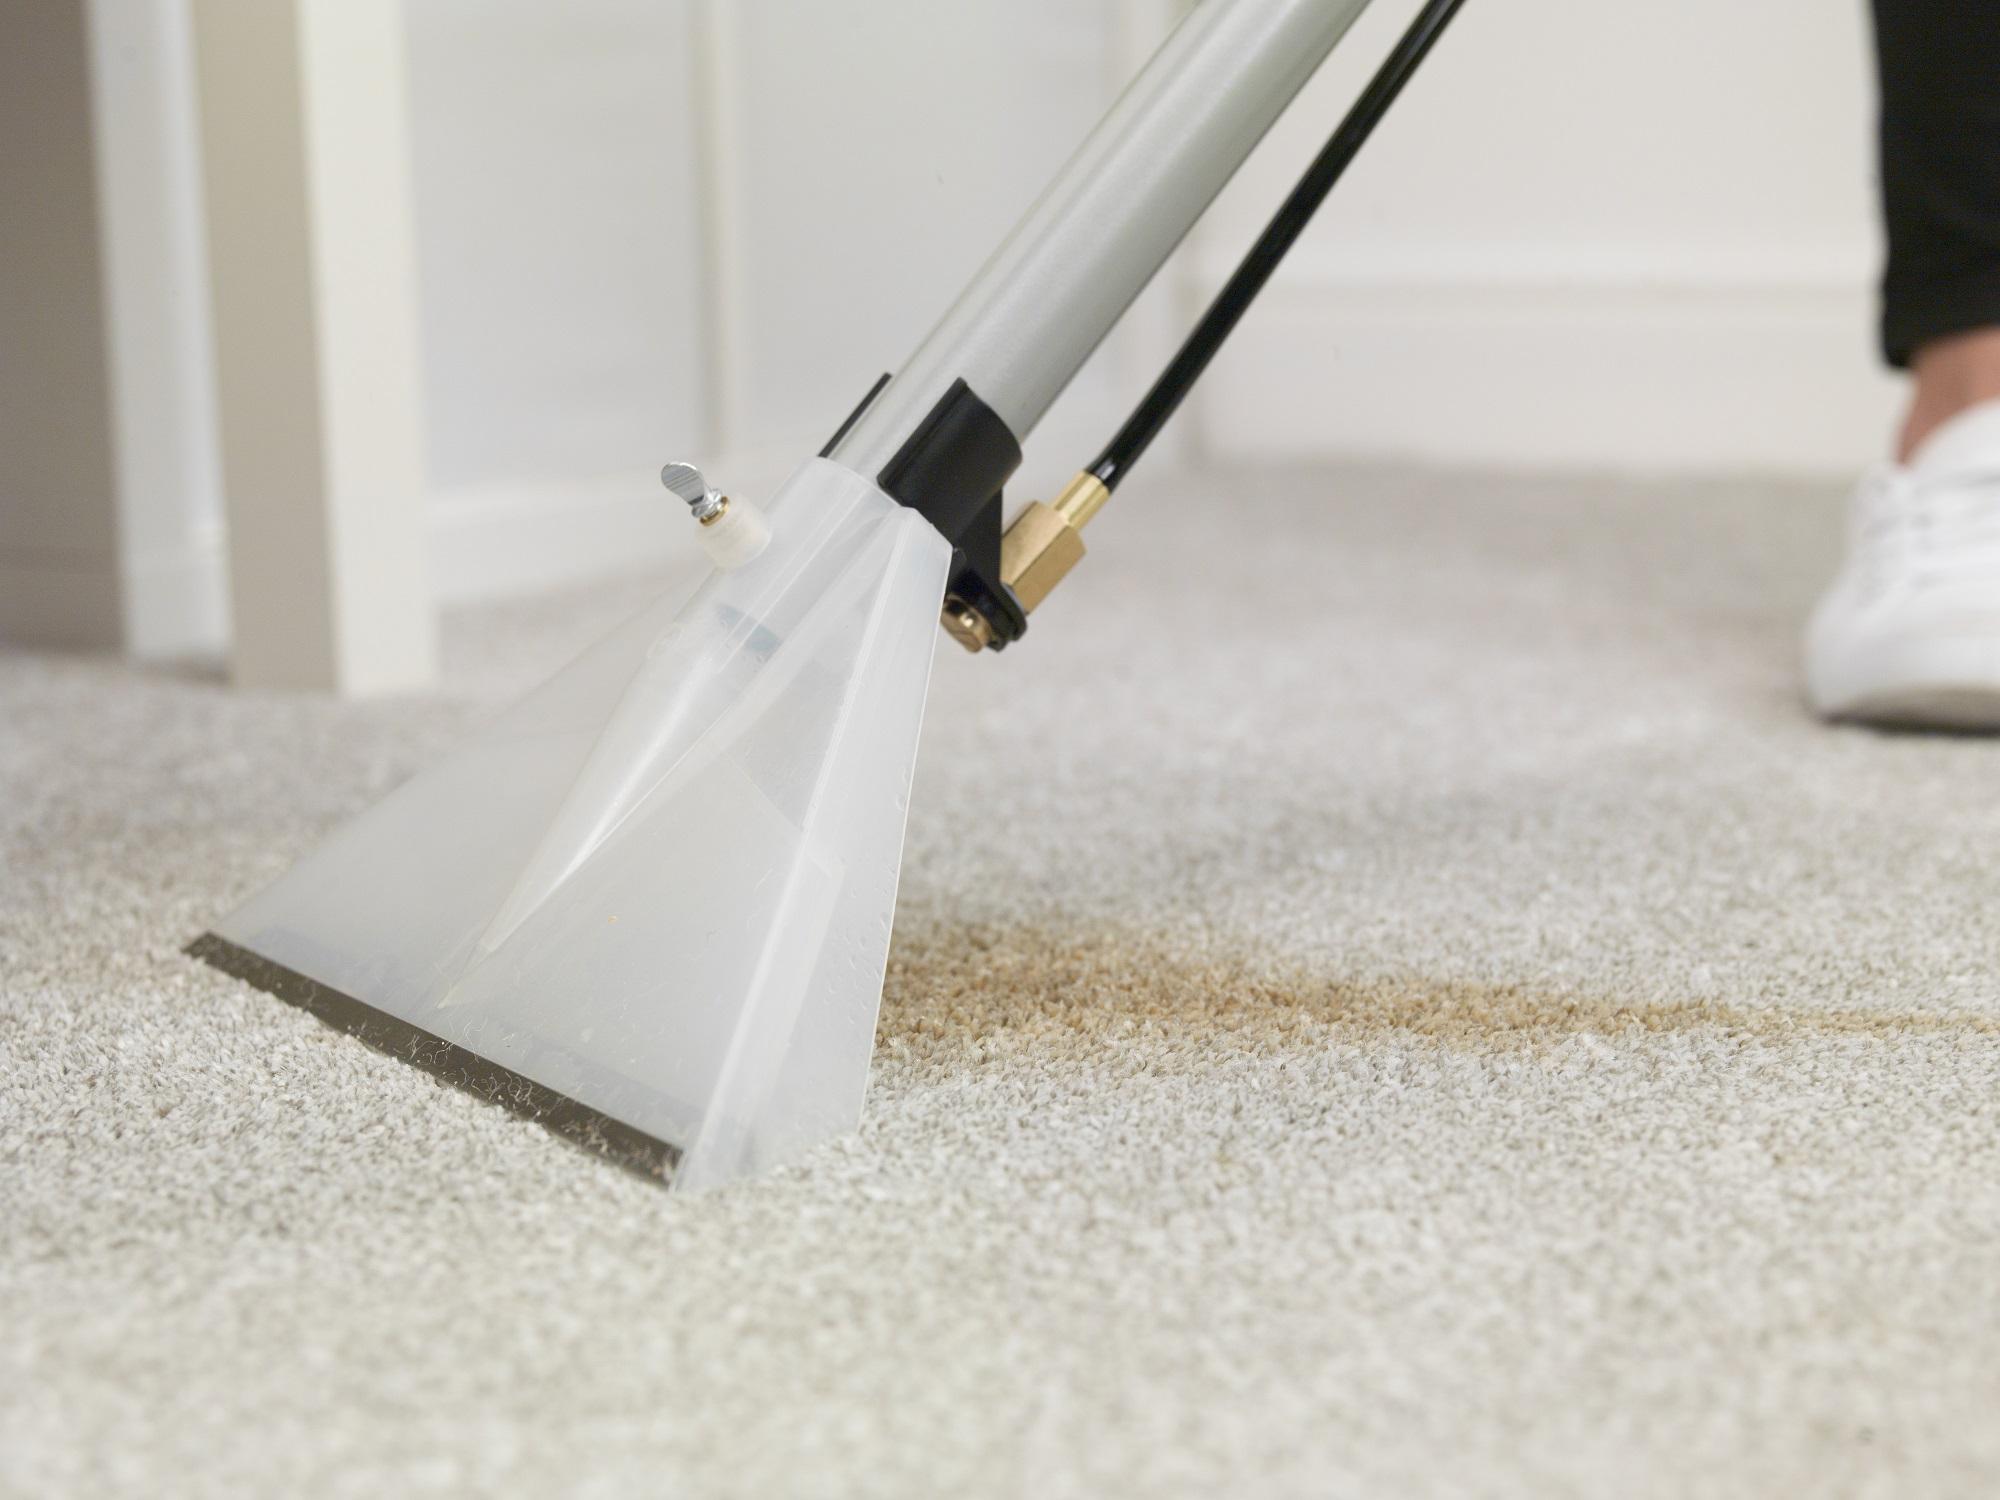 odkurzacz piorący dywany